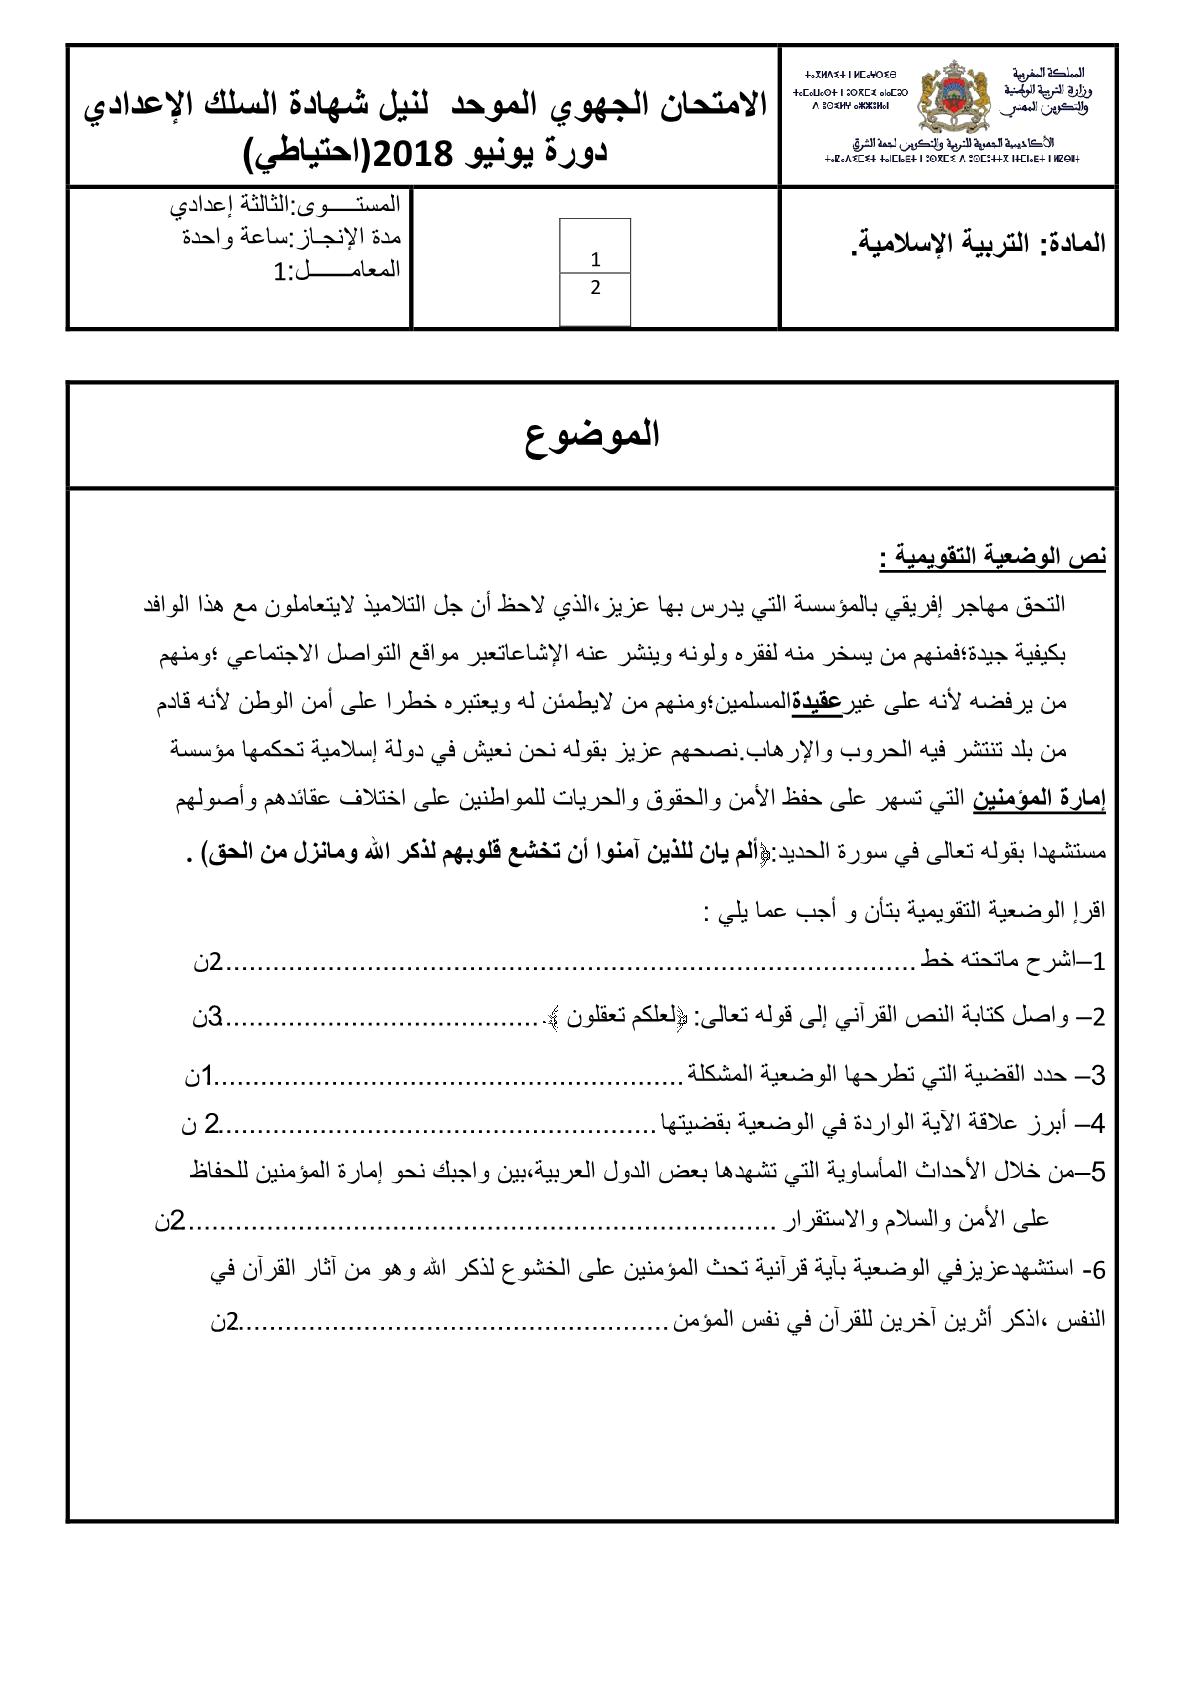 امتحان جهة الشرق الجهوي لسنة 2018 الثالثة إعدادي